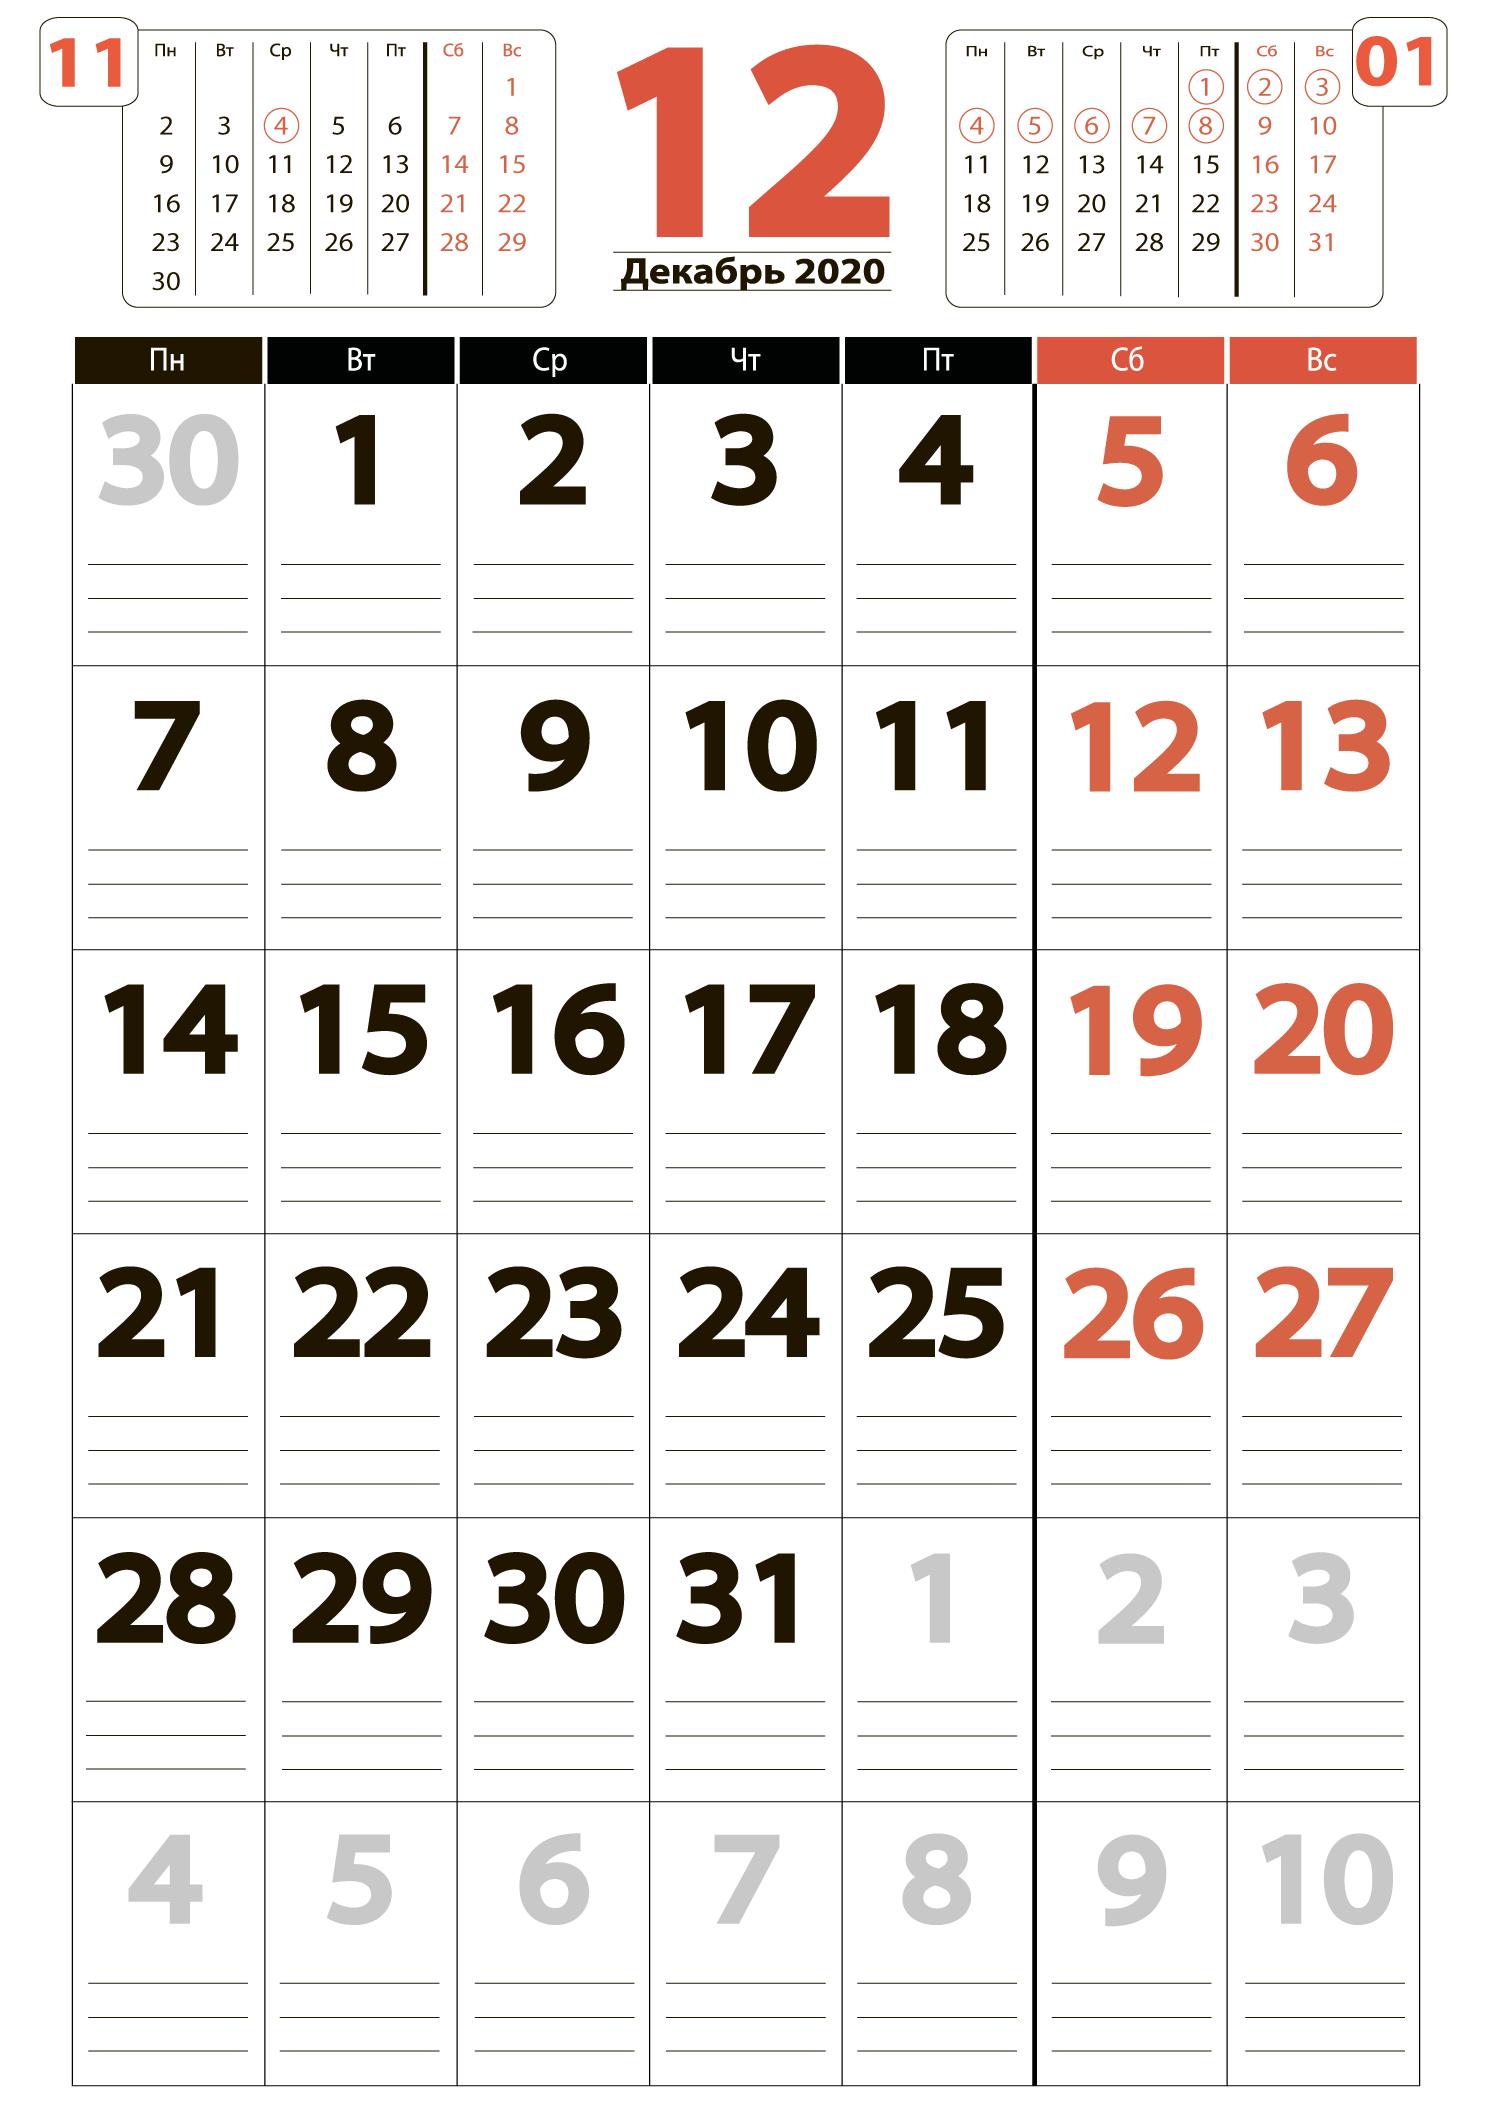 Календарь на декабрь 2020 (книжный)